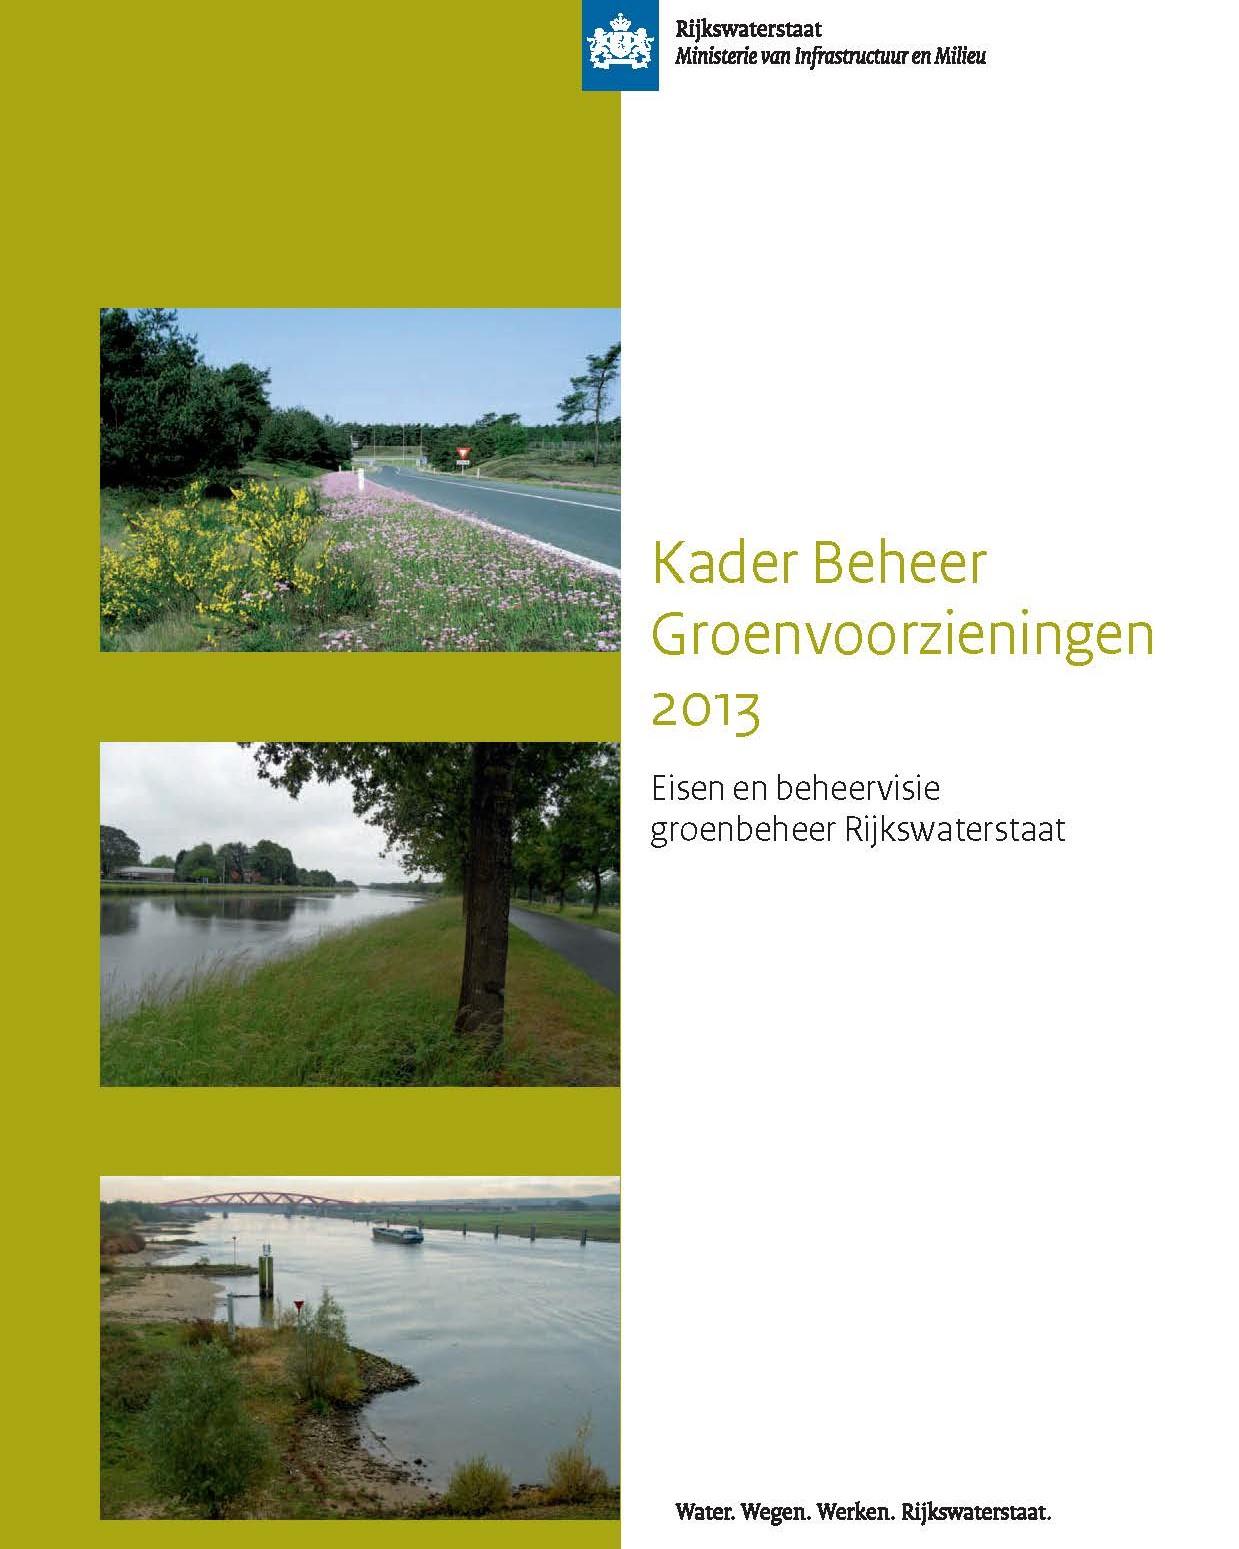 Kader Beheer Groenvoorzieningen 2013. Rijkswaterstaat